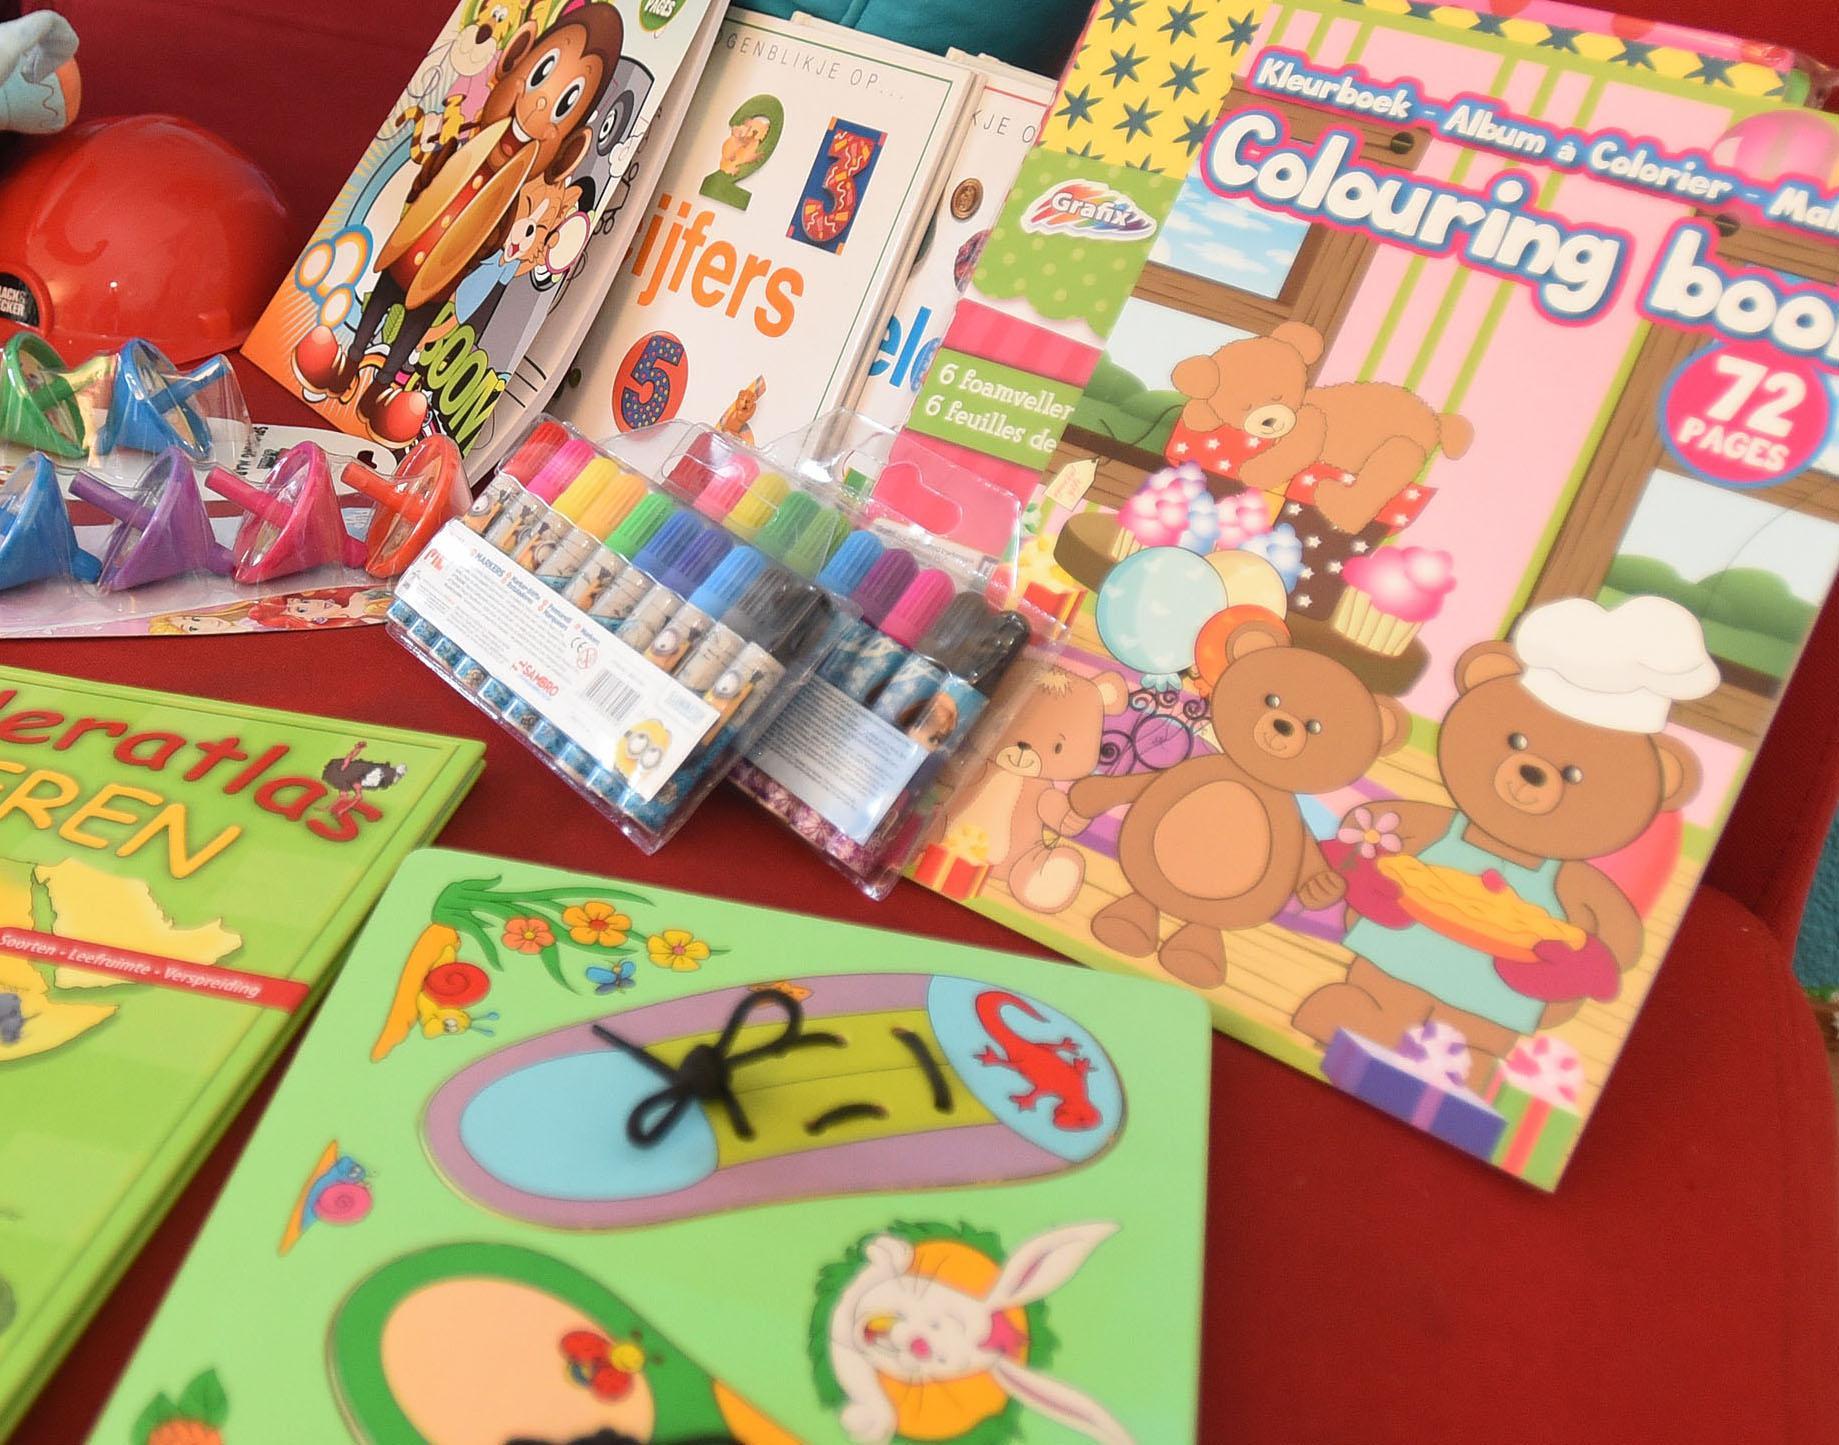 Speelgoedinzameling voor kinderen maatschappelijke opvang Hoofddorp